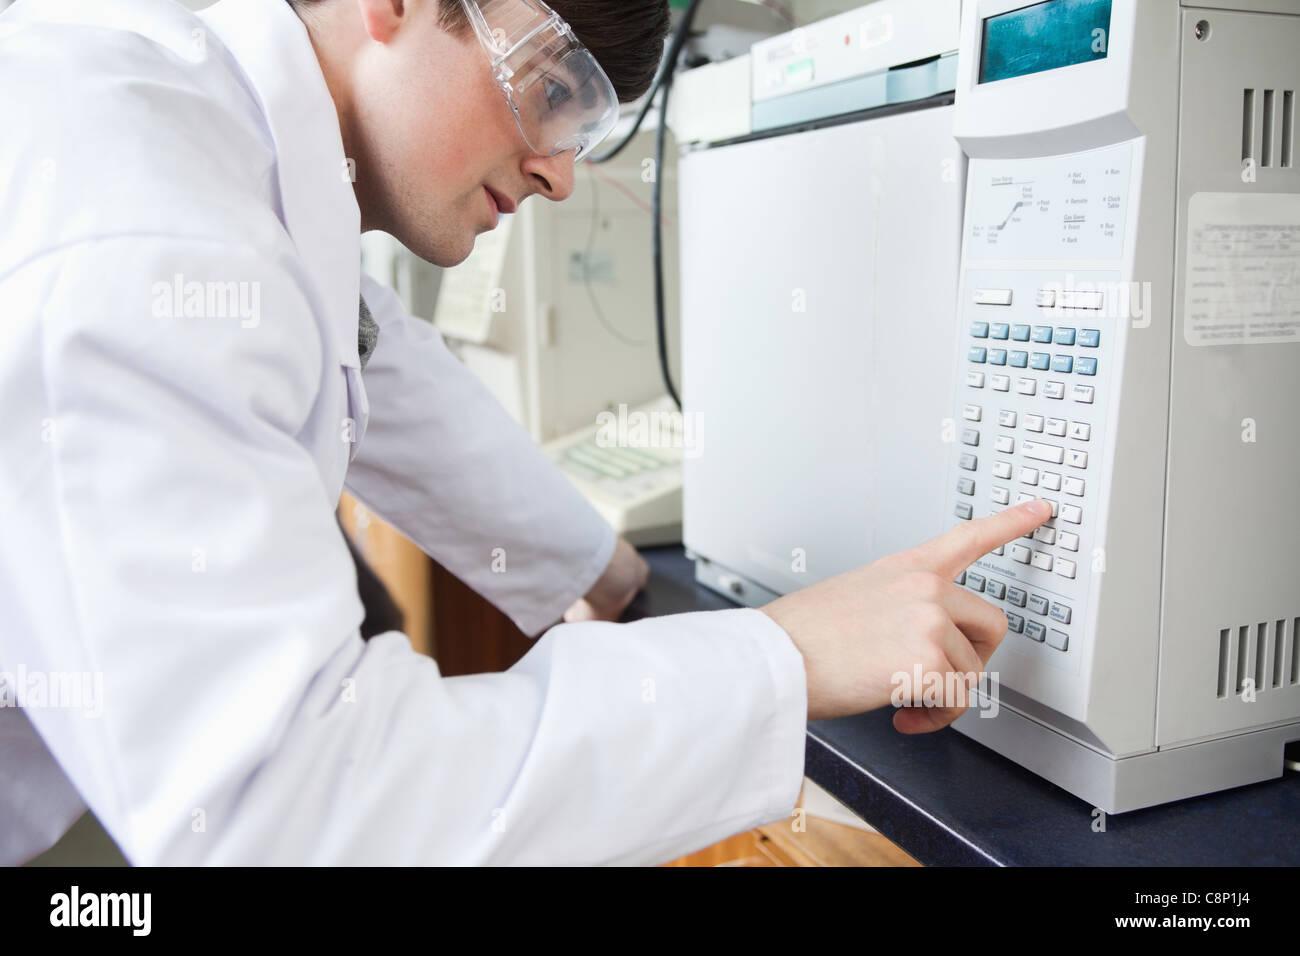 Estudiante de ciencias utilizando un horno de cámara de laboratorio en un laboratorio Imagen De Stock